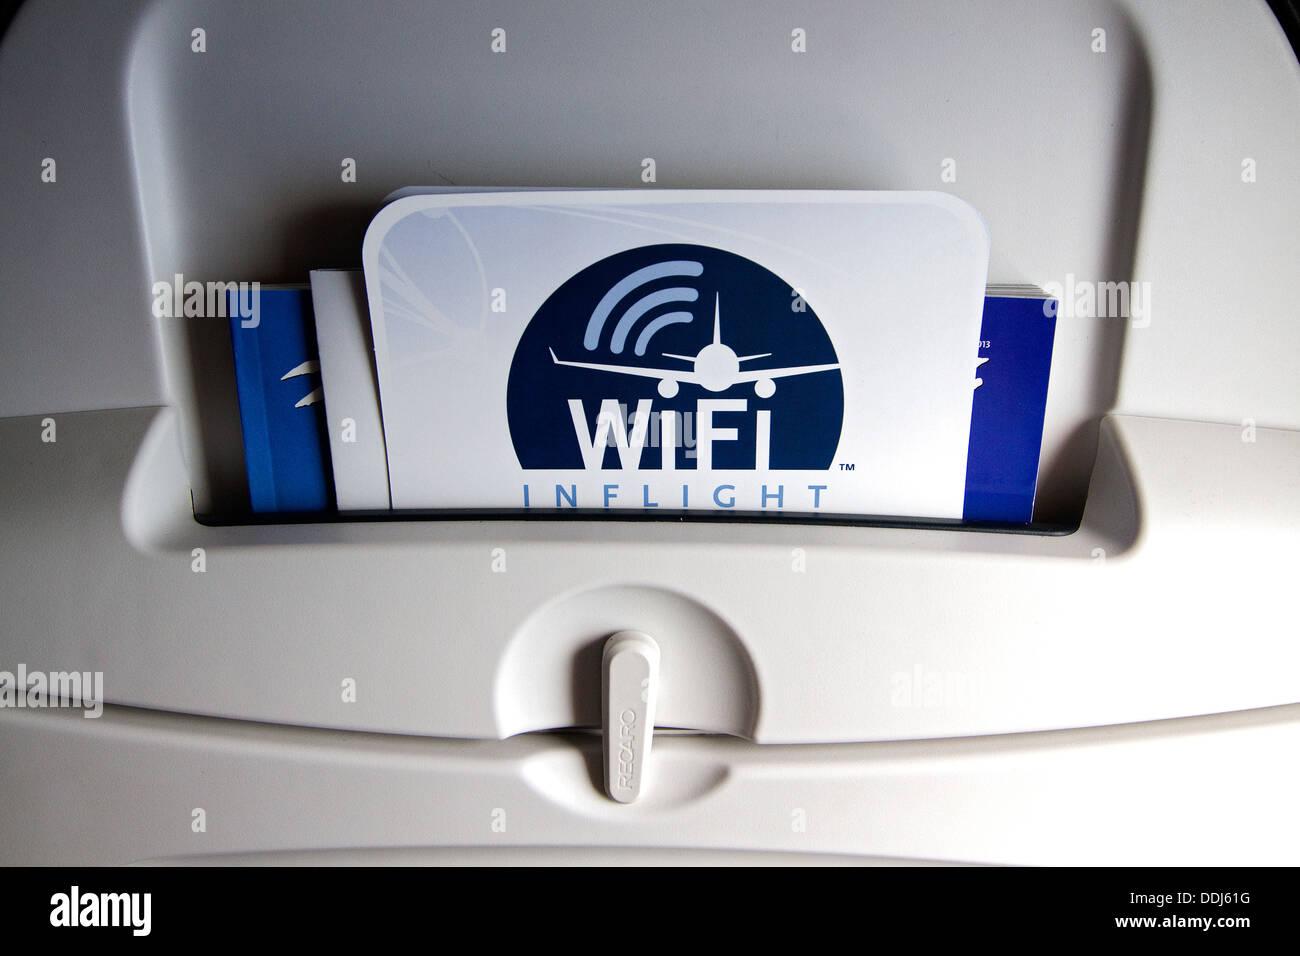 Inflight WiFi auf der Rückseite des Flugzeugsitz ausgeschrieben. WLAN der nächsten Generation von Inflight-Entertainment. Stockbild